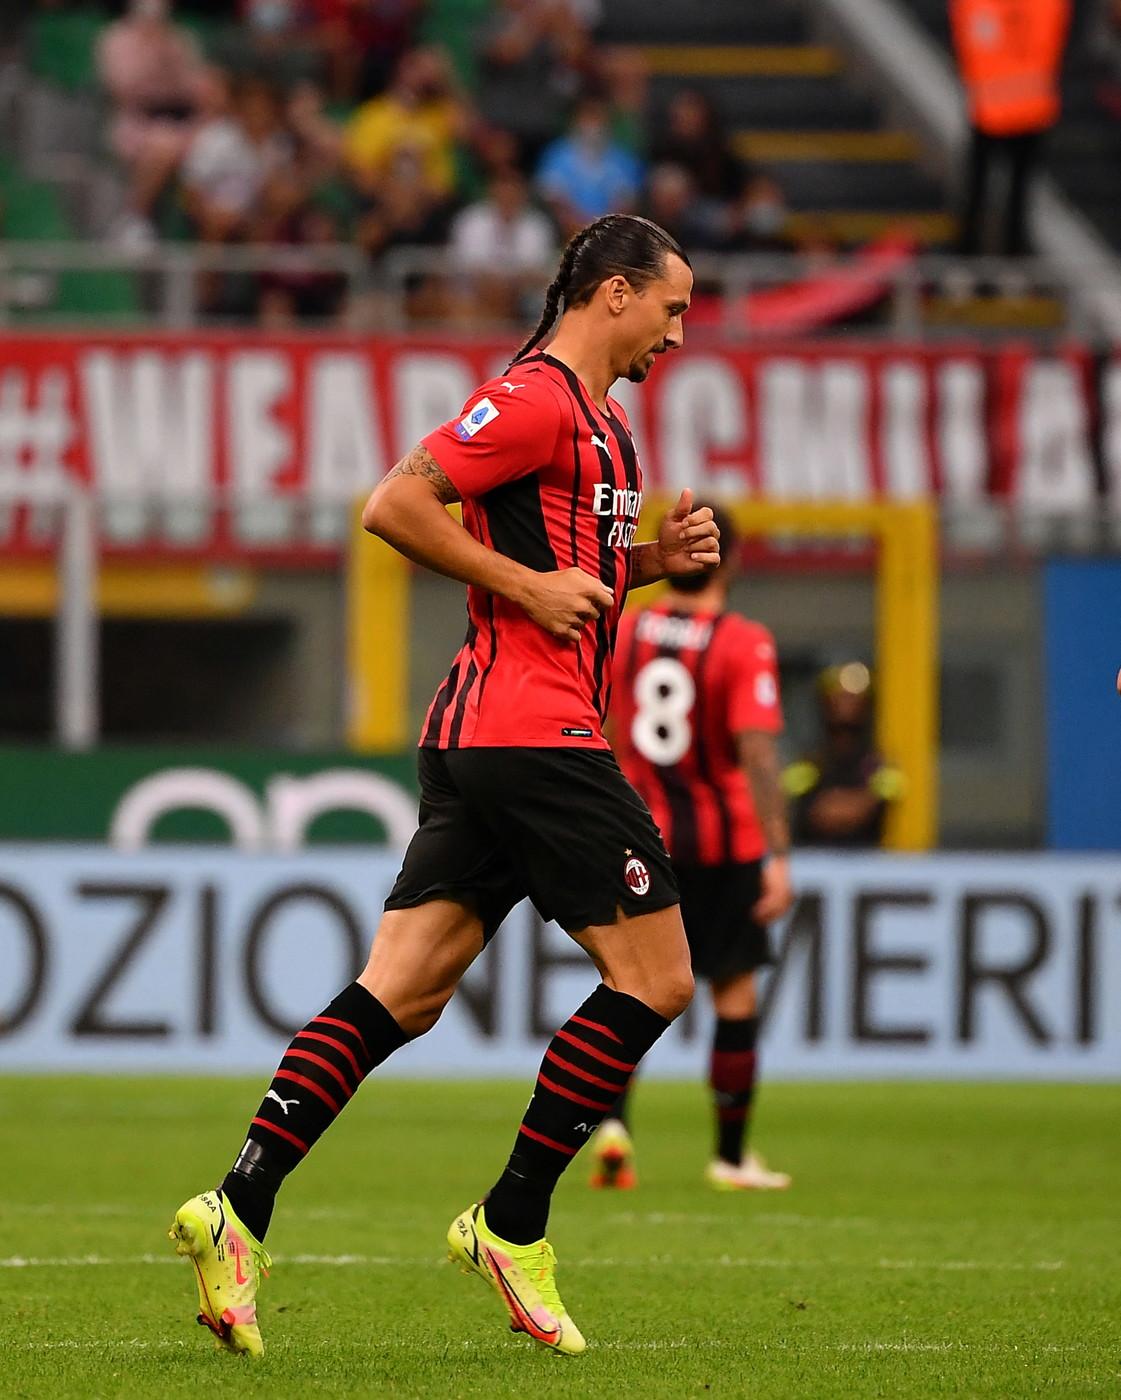 Zlatan Ibrahimovic ha ritrovato la convocazione per un match ufficiale del Milan a tre mesi dall&#39;operazione al ginocchio. Lo svedese si &egrave; presentato a San Siro con un look tutto nuovo: dietro la testa &egrave; comparsa una treccia. L&#39;originale taglio di capelli ha portato fortuna a Ibra, entrato in campo al 60&#39; al posto di Leao e poi subito in gol su assist di Rebic.<br /><br />